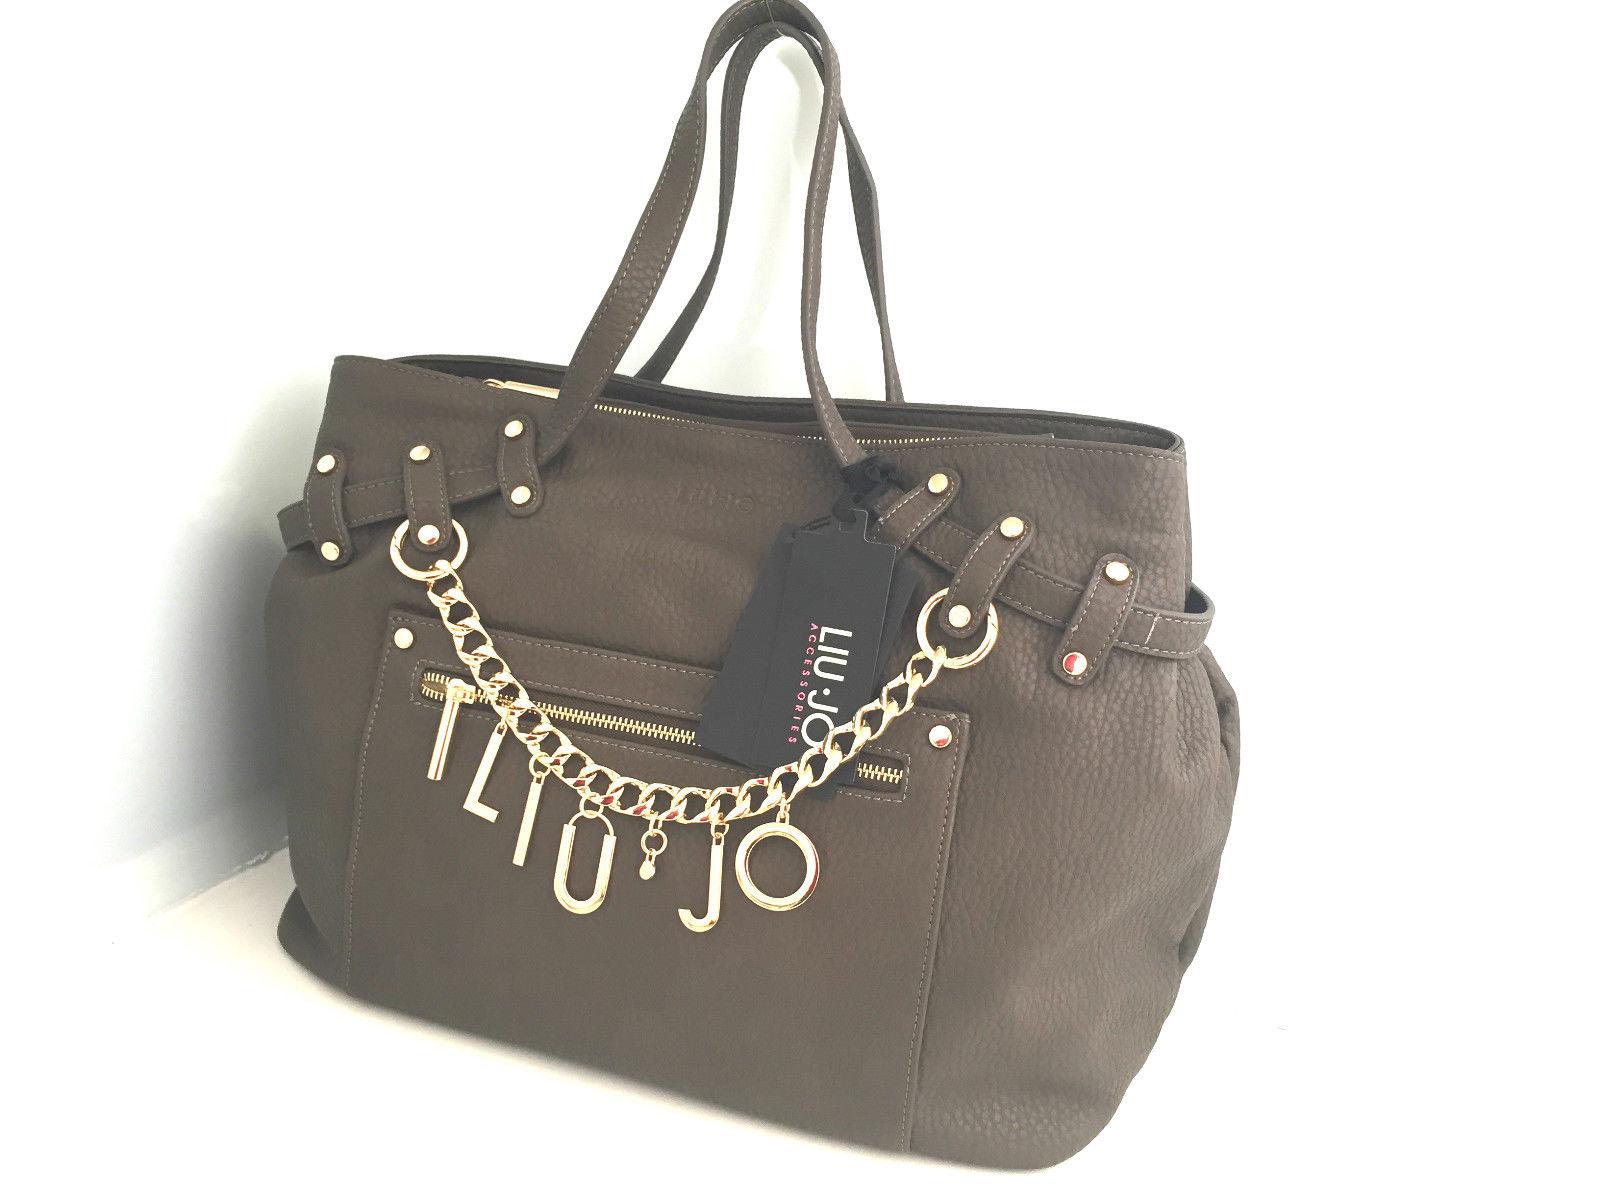 Borsa Liu Jo Shopping Andromeda Brown con charms a prezzo scontato!! ca40af05ad8